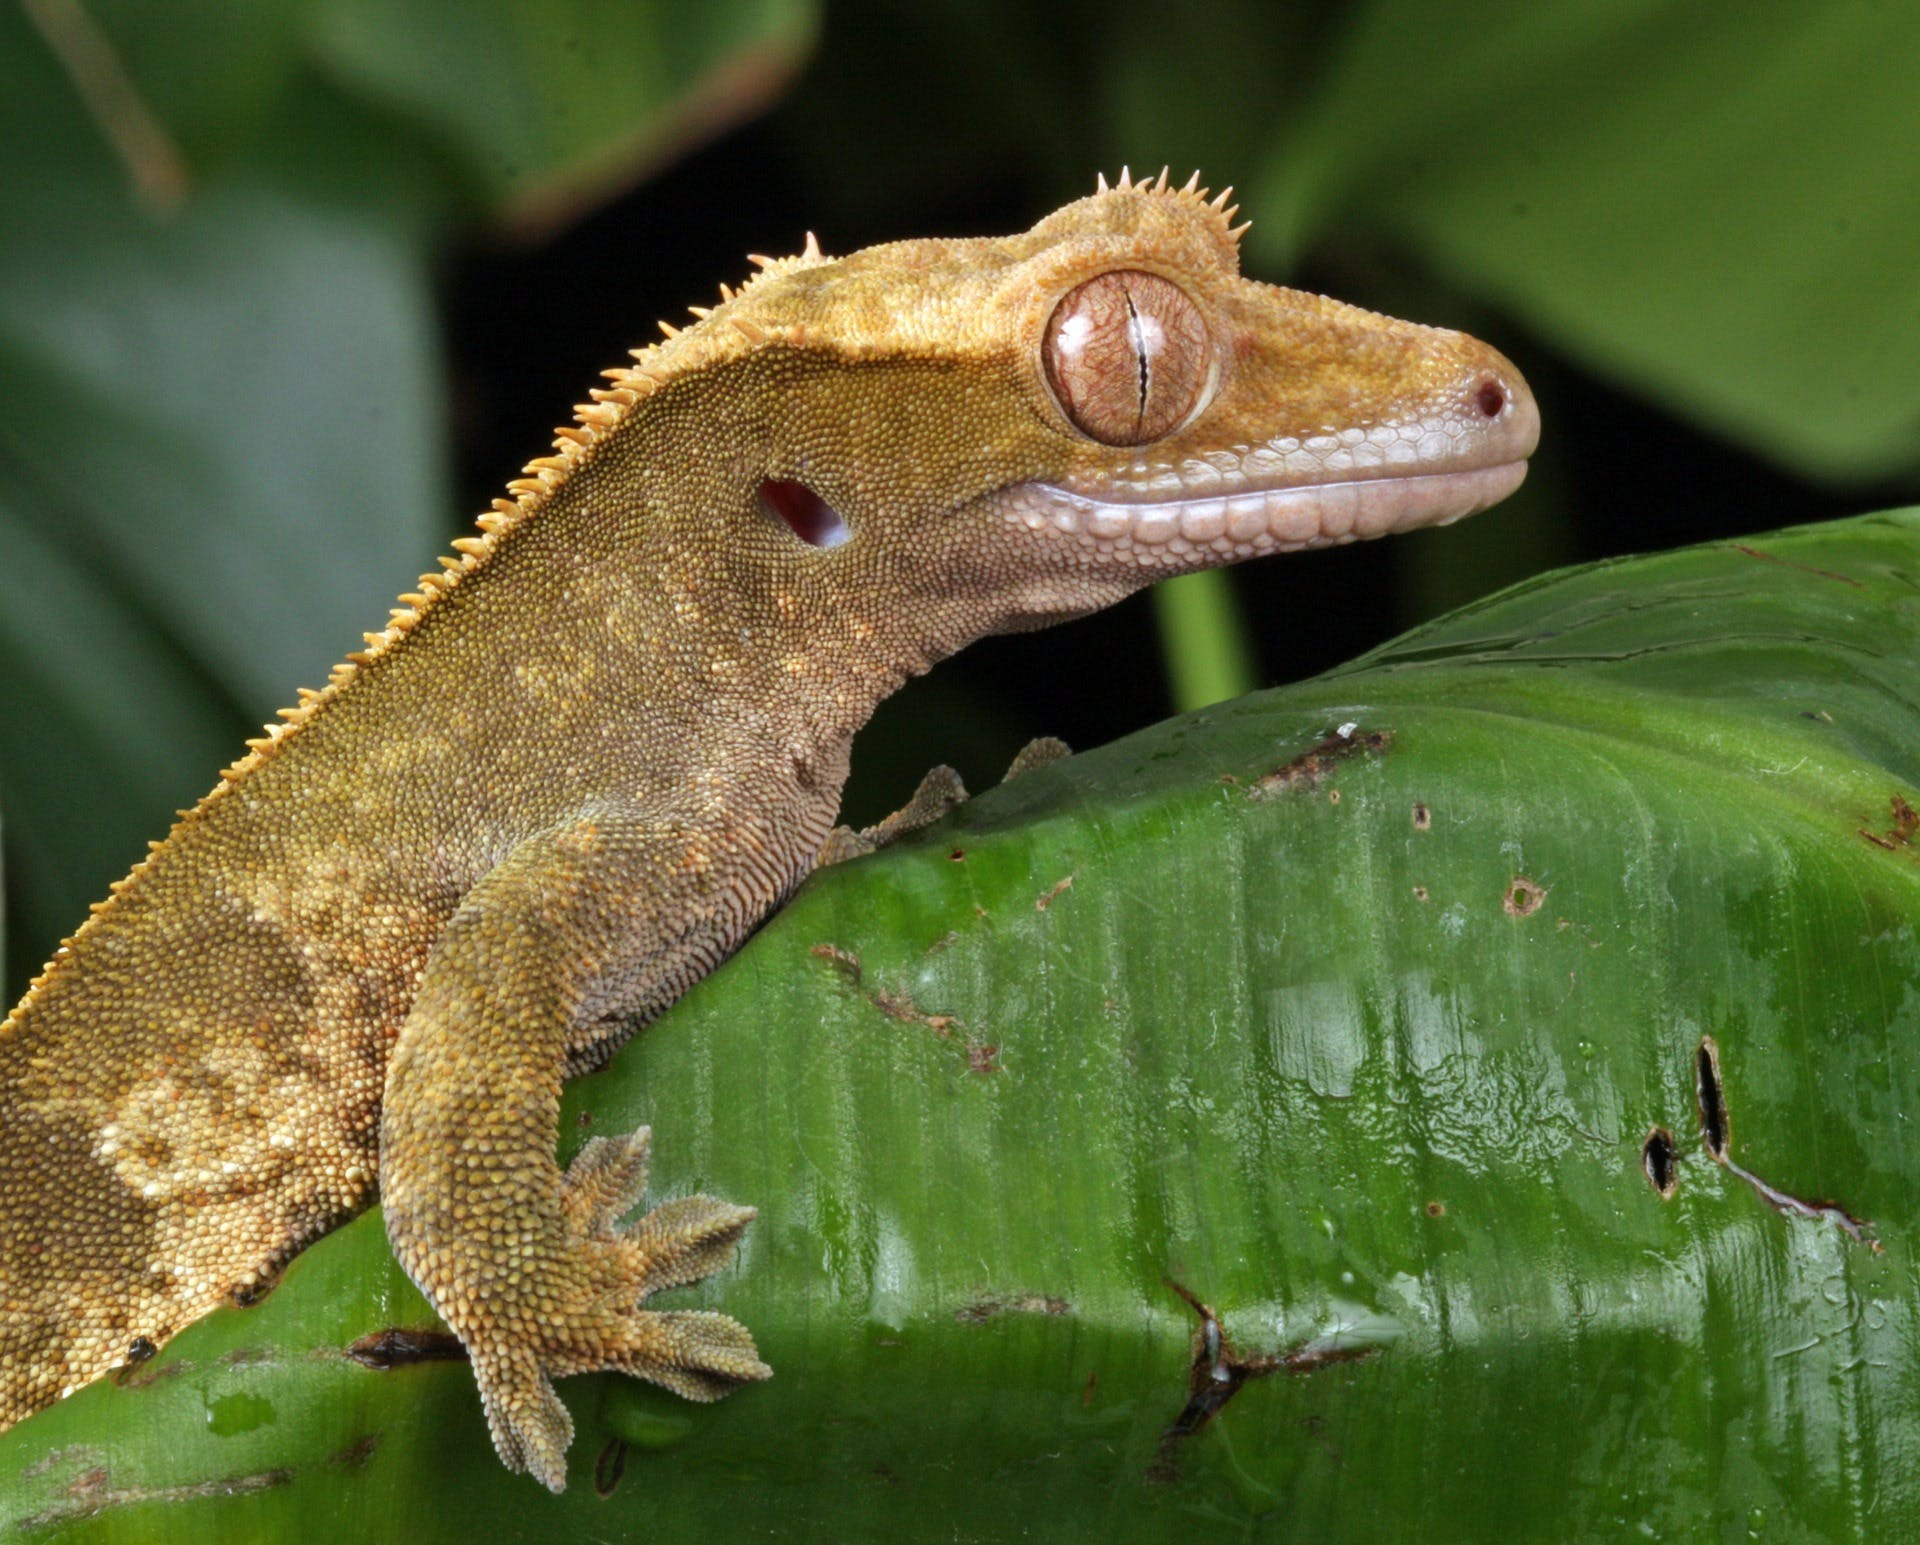 Gratis lagerfoto af close-up, dyrefotografering, gekko, makro